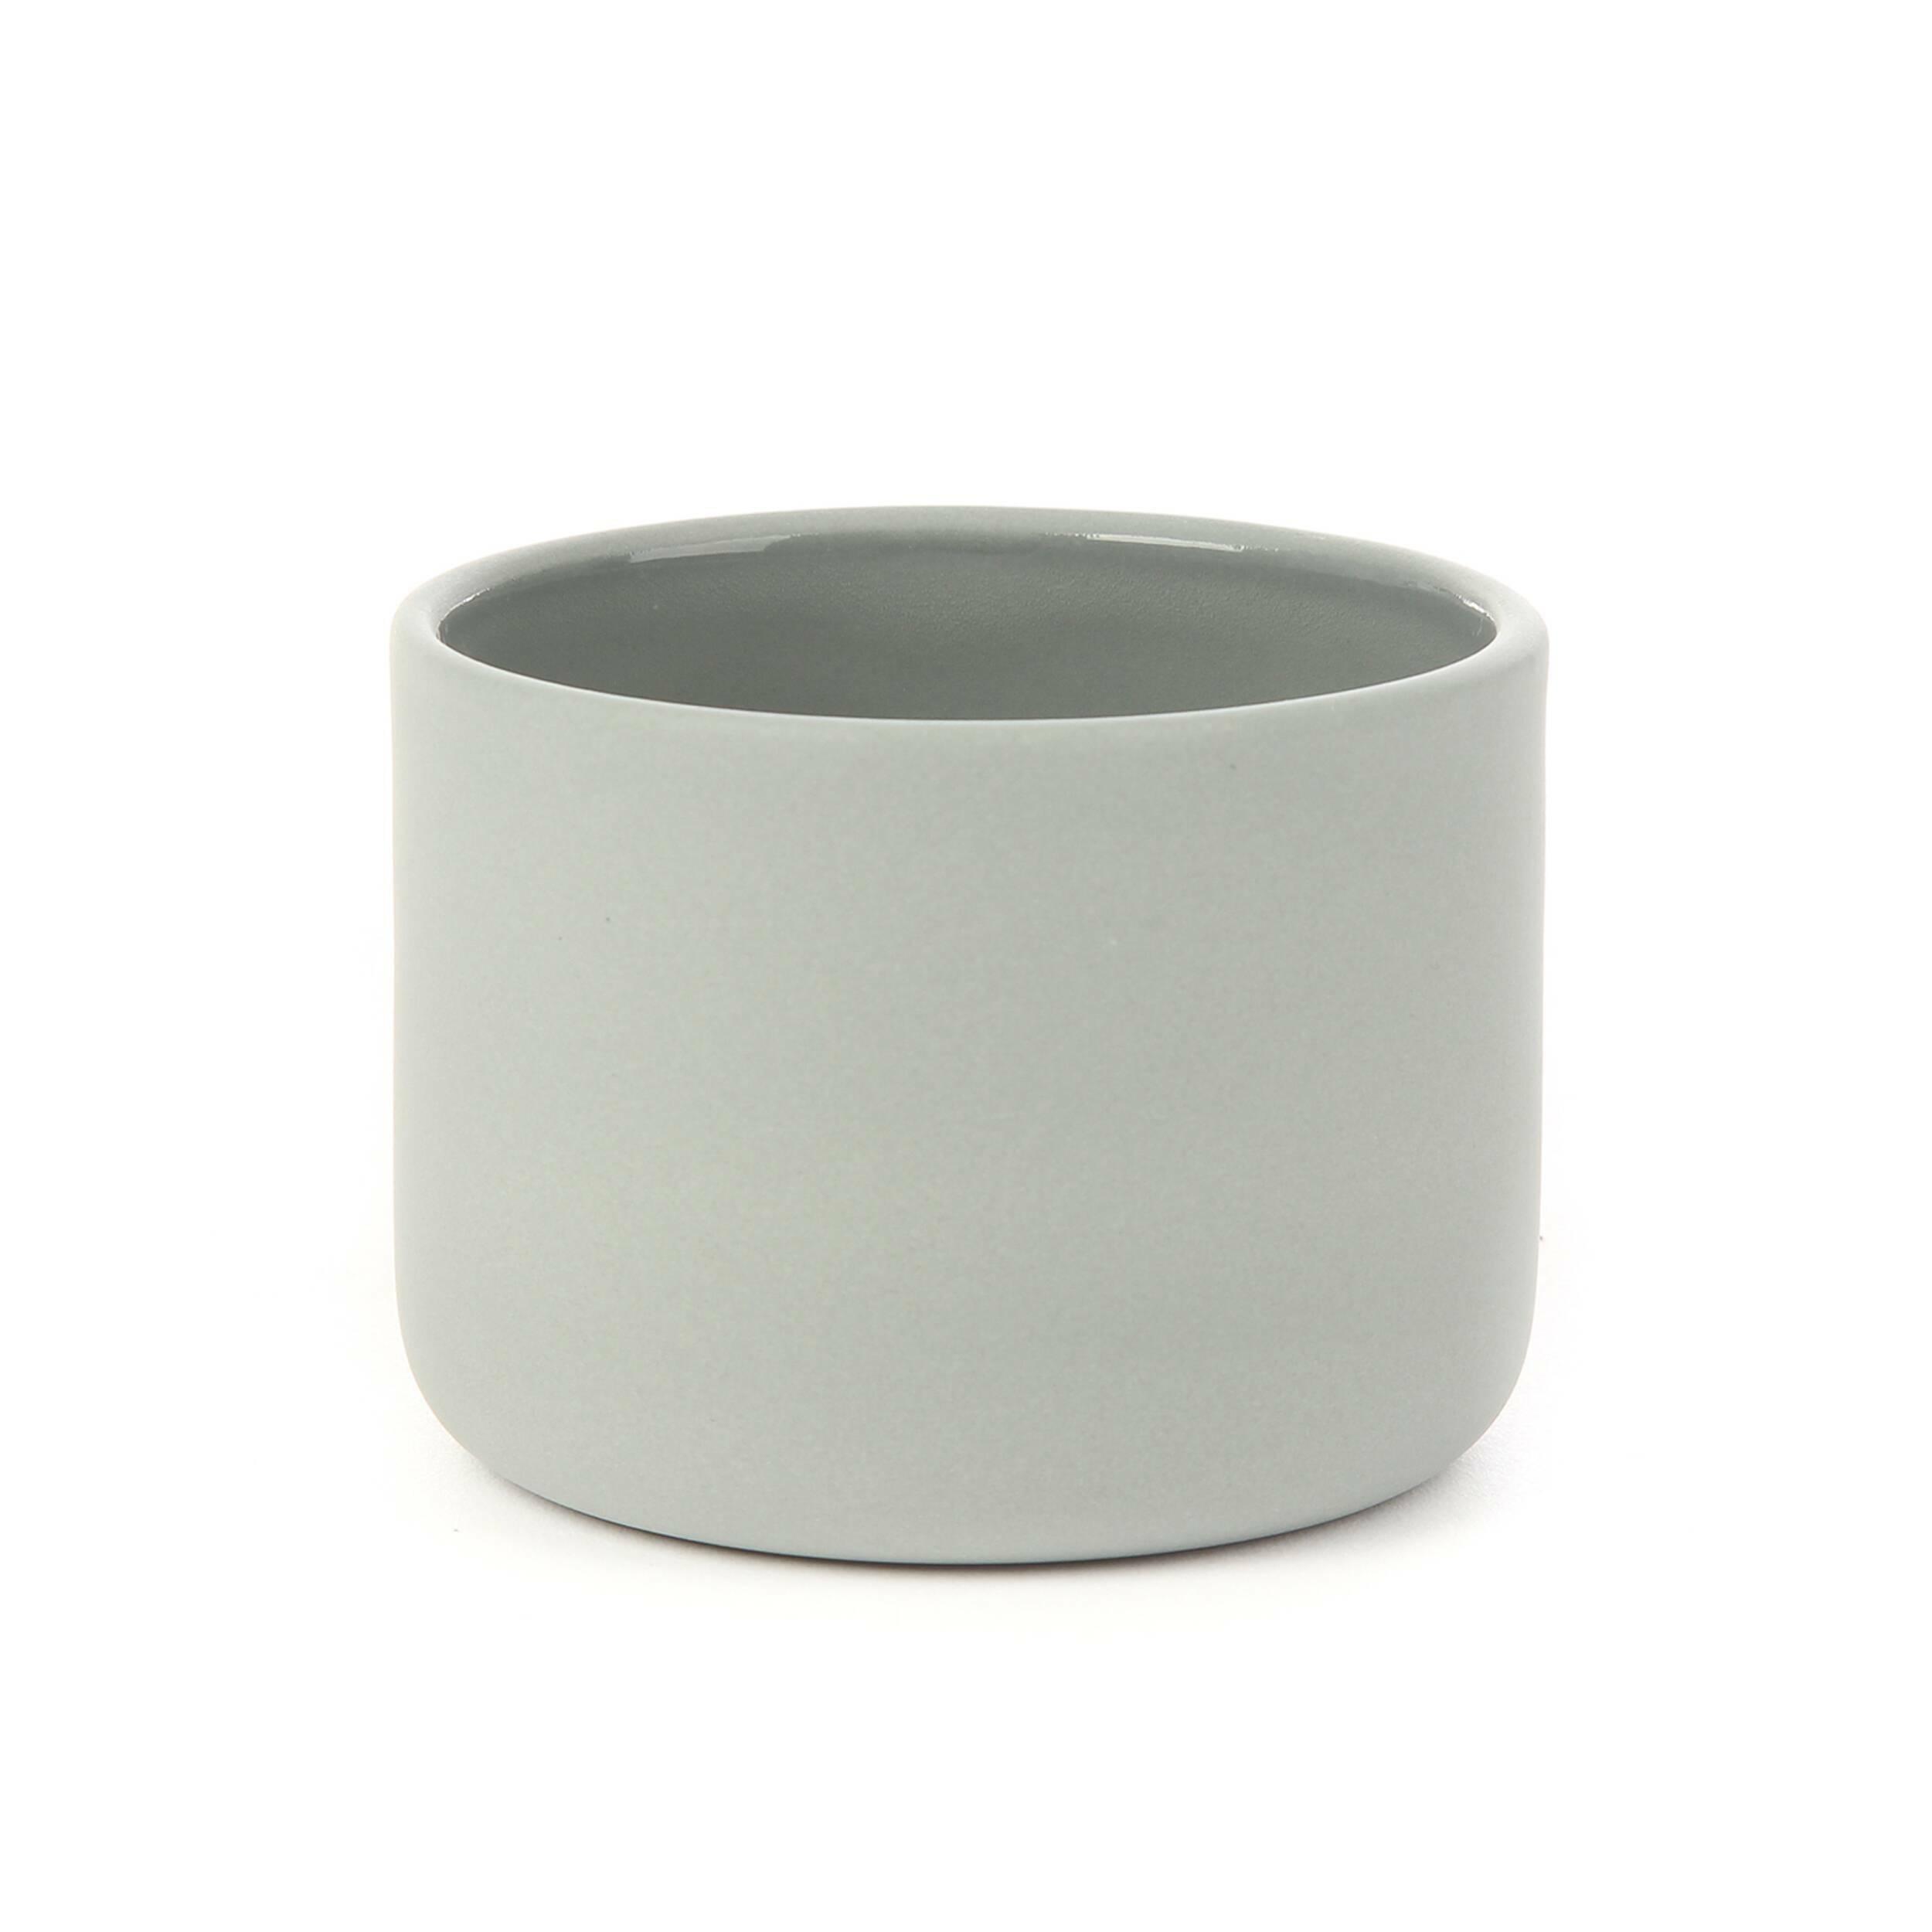 Посуда Cosmo 15578120 от Cosmorelax